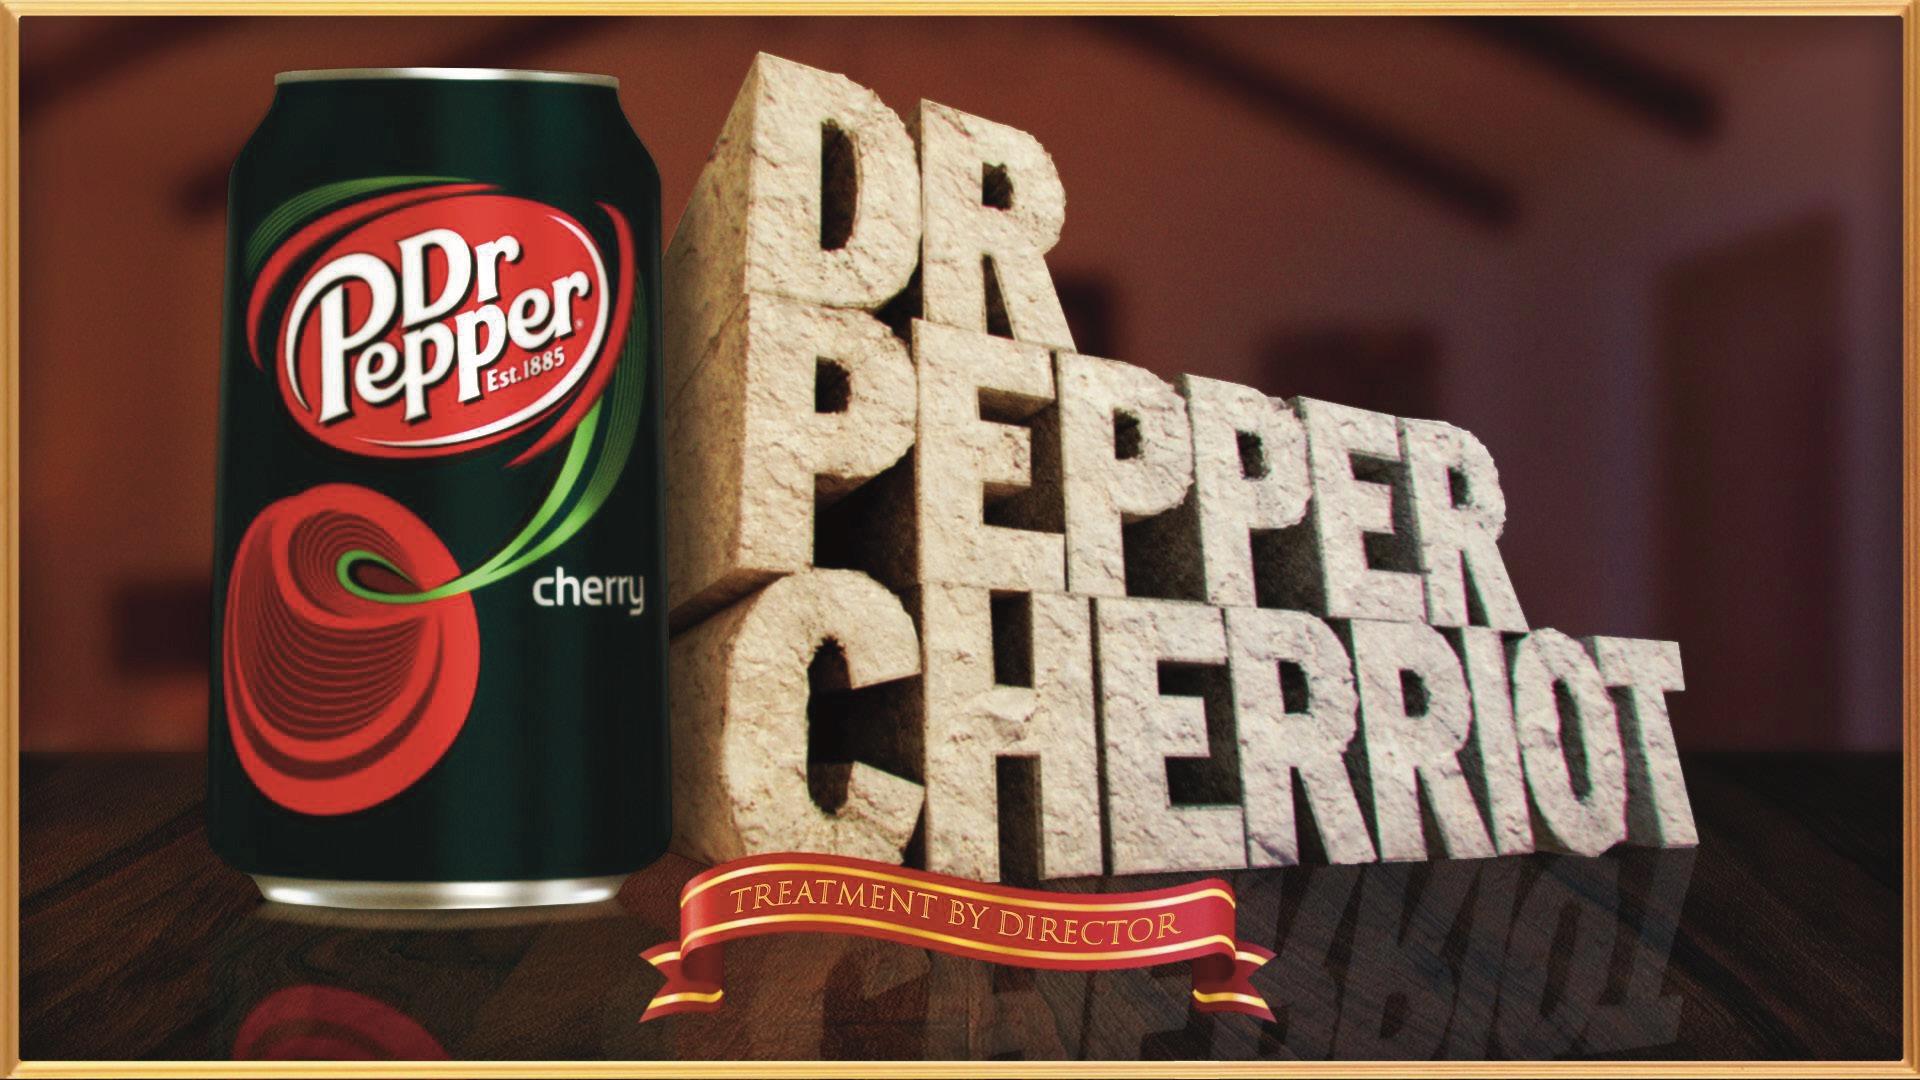 Betterment Society REN Dr Pepper visuals sample 1.jpeg